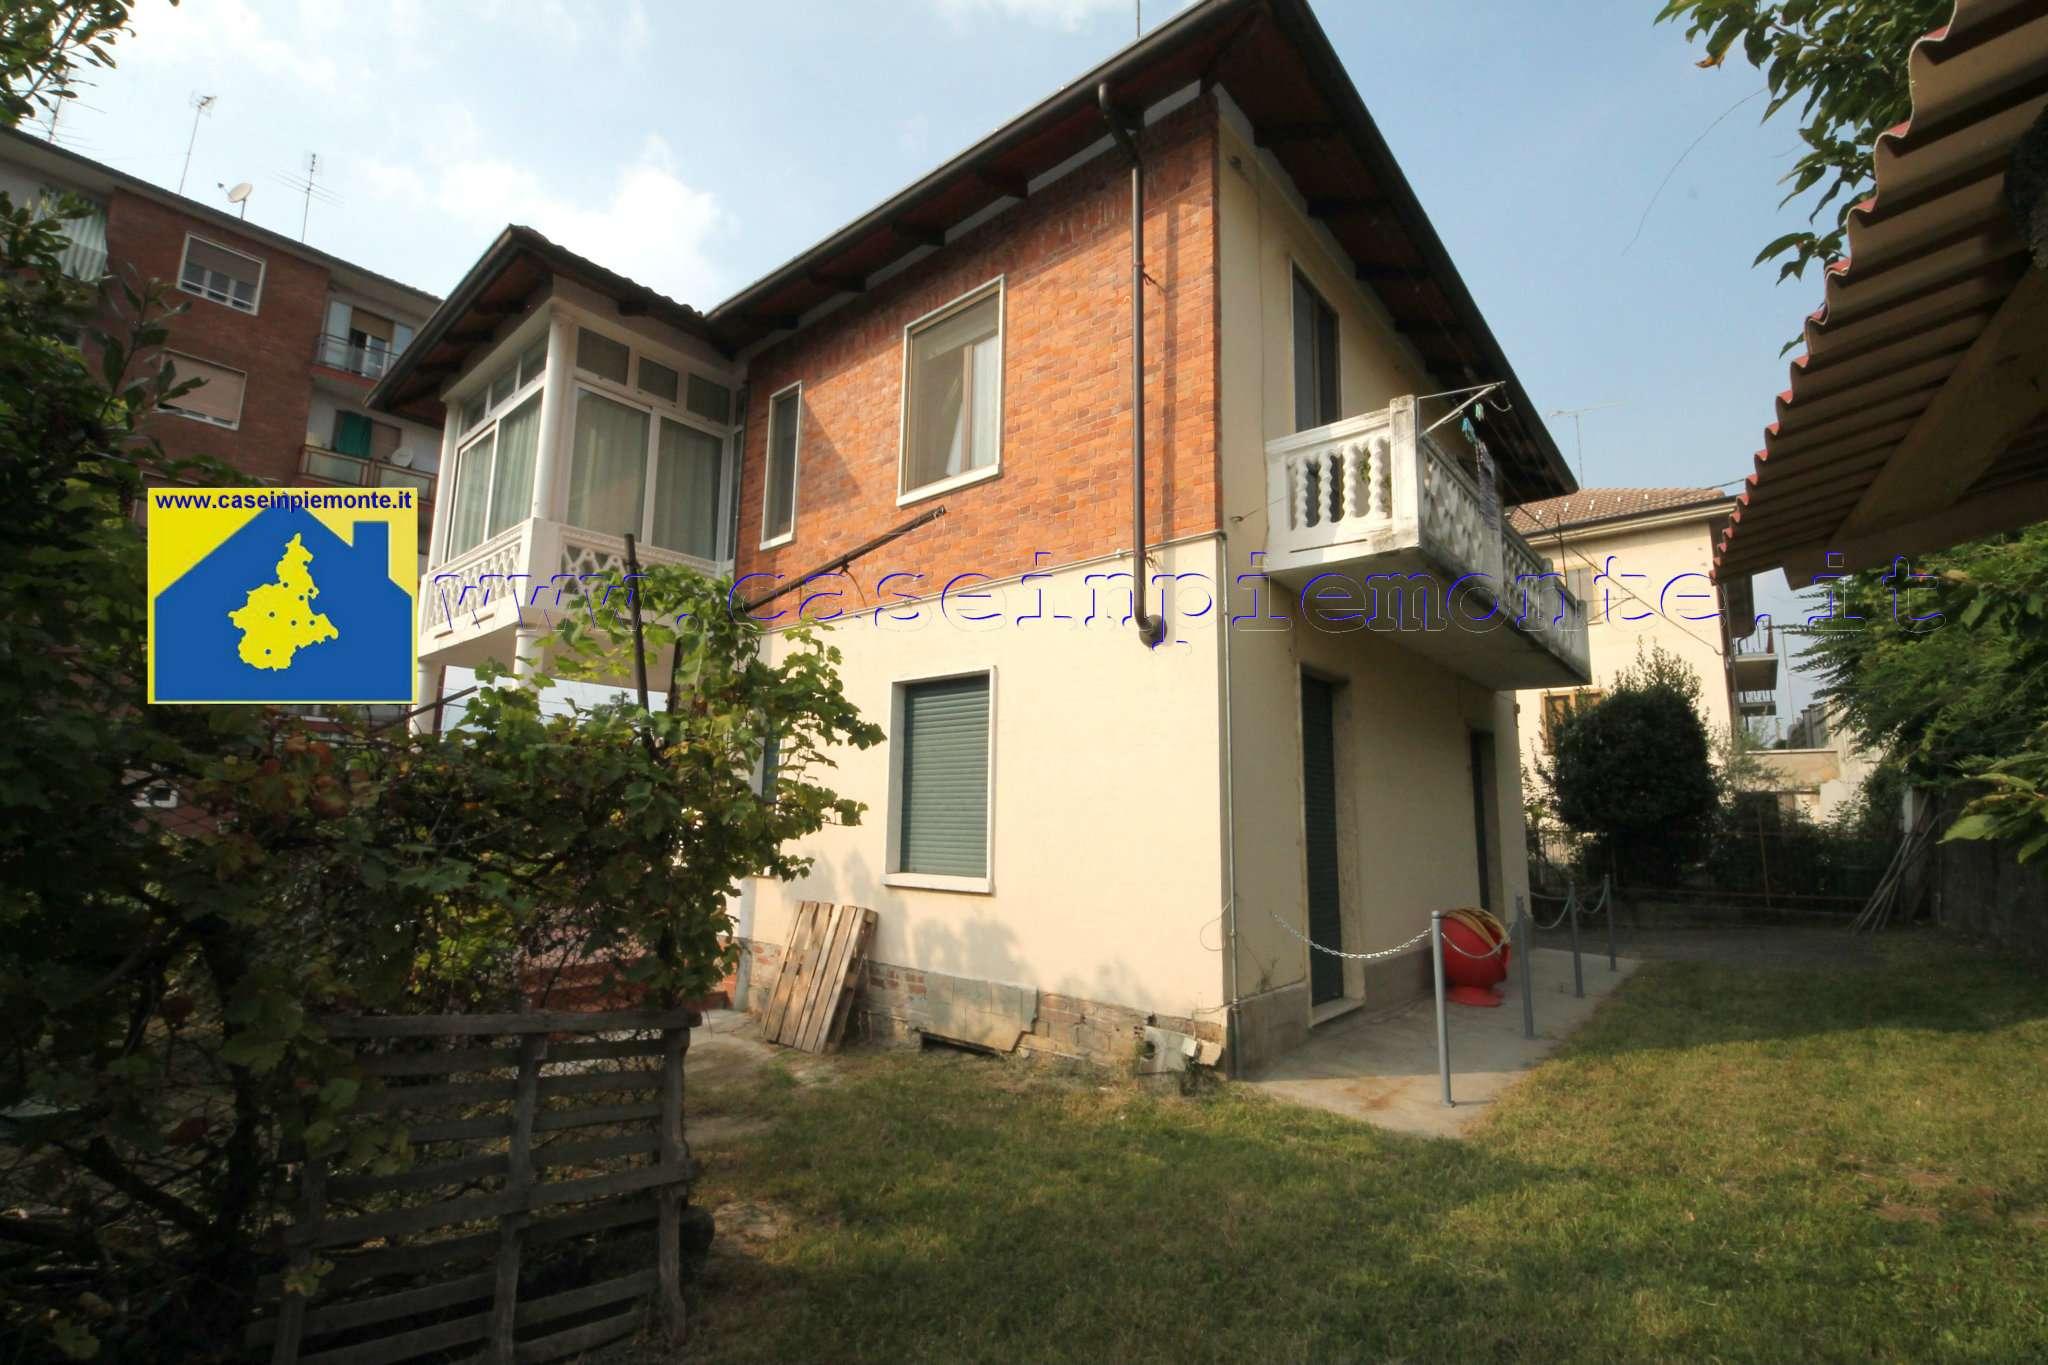 Attico / Mansarda in vendita a Rivoli, 3 locali, prezzo € 175.000 | CambioCasa.it